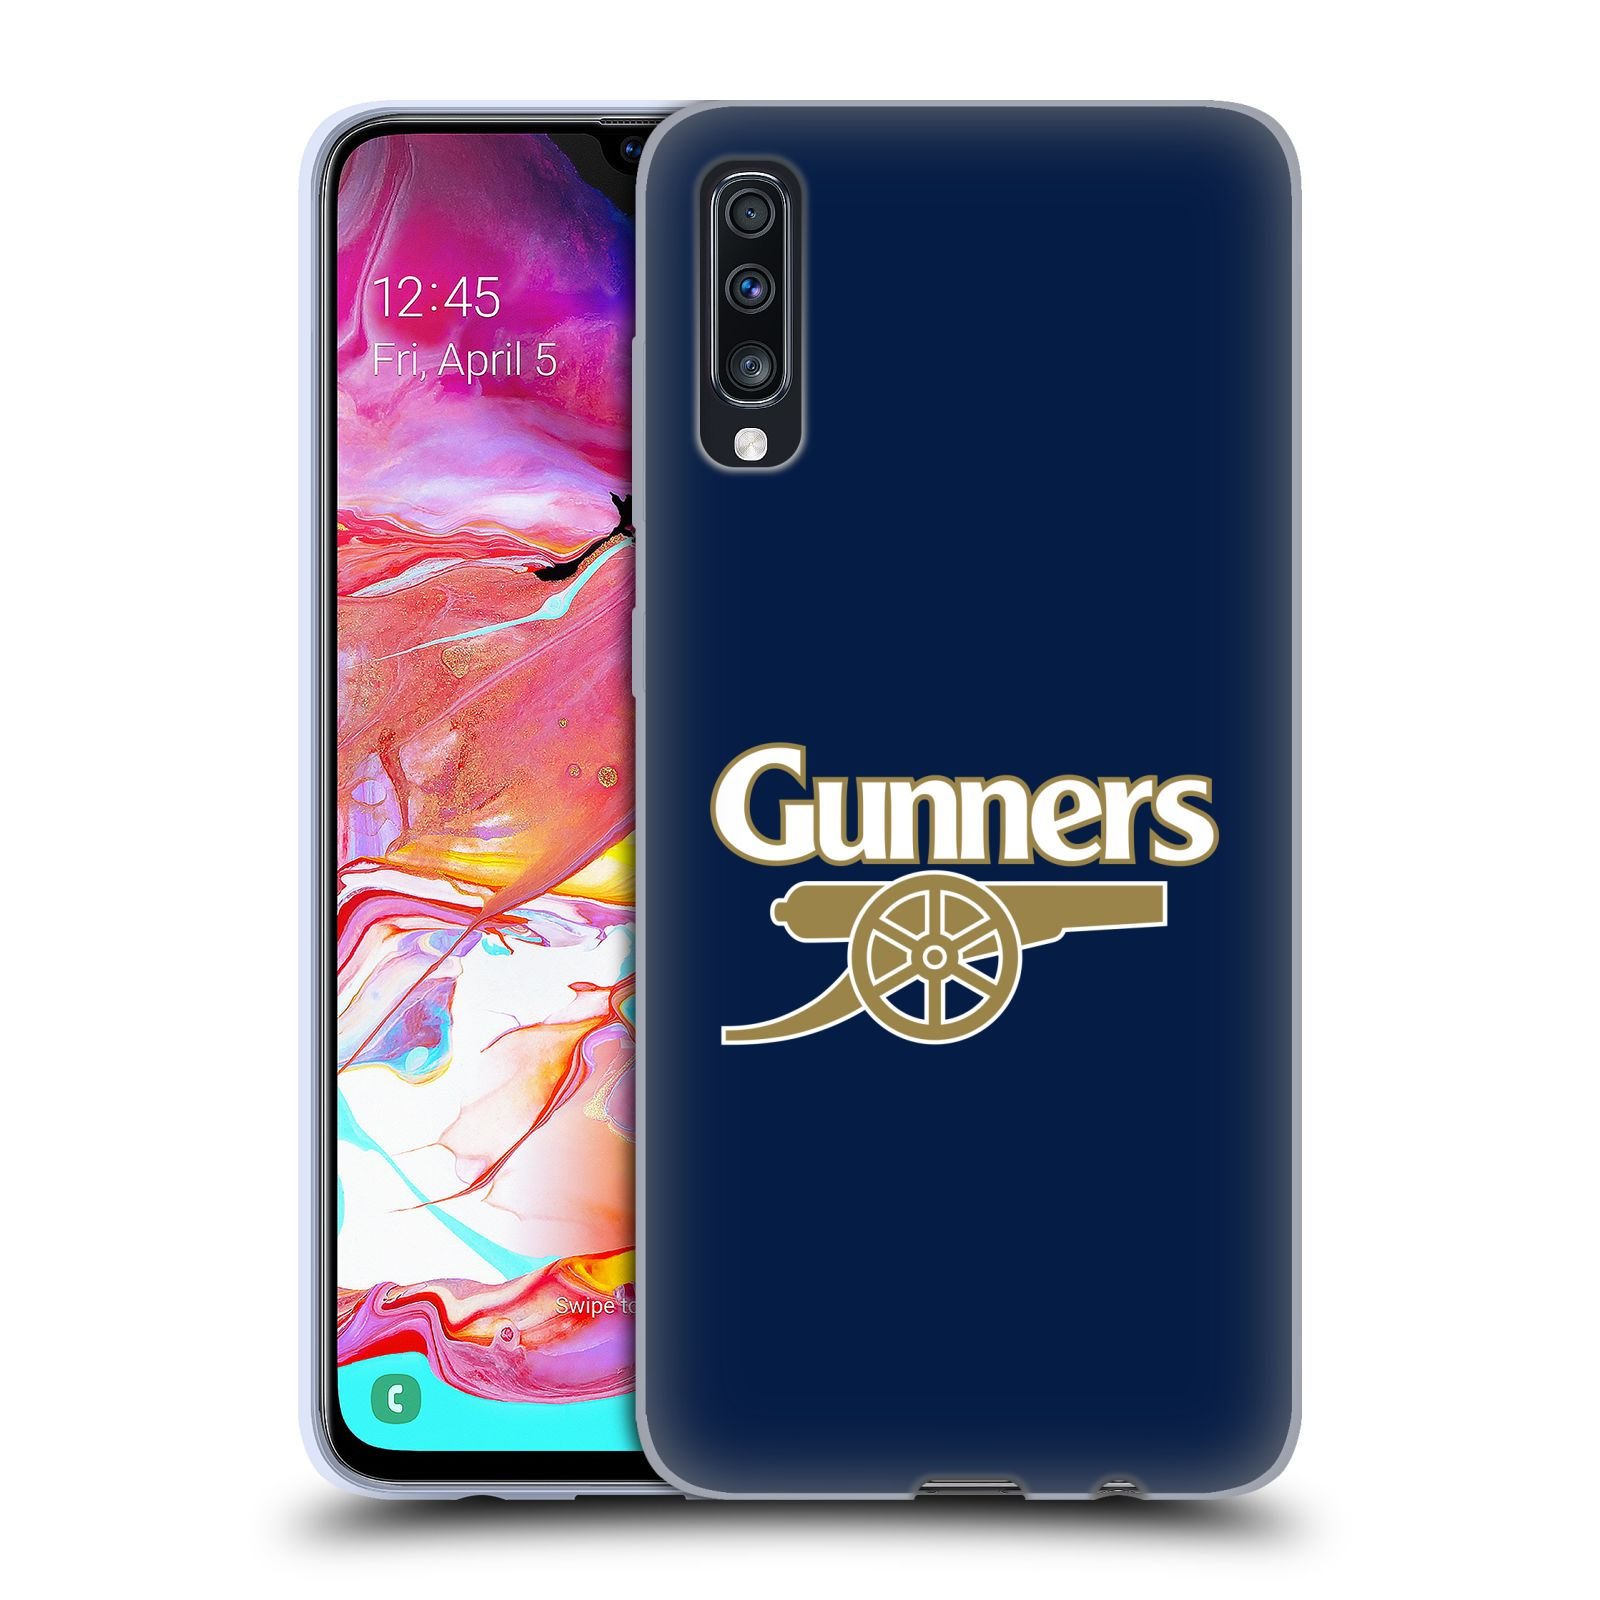 Silikonové pouzdro na mobil Samsung Galaxy A70 - Head Case - Arsenal FC - Gunners